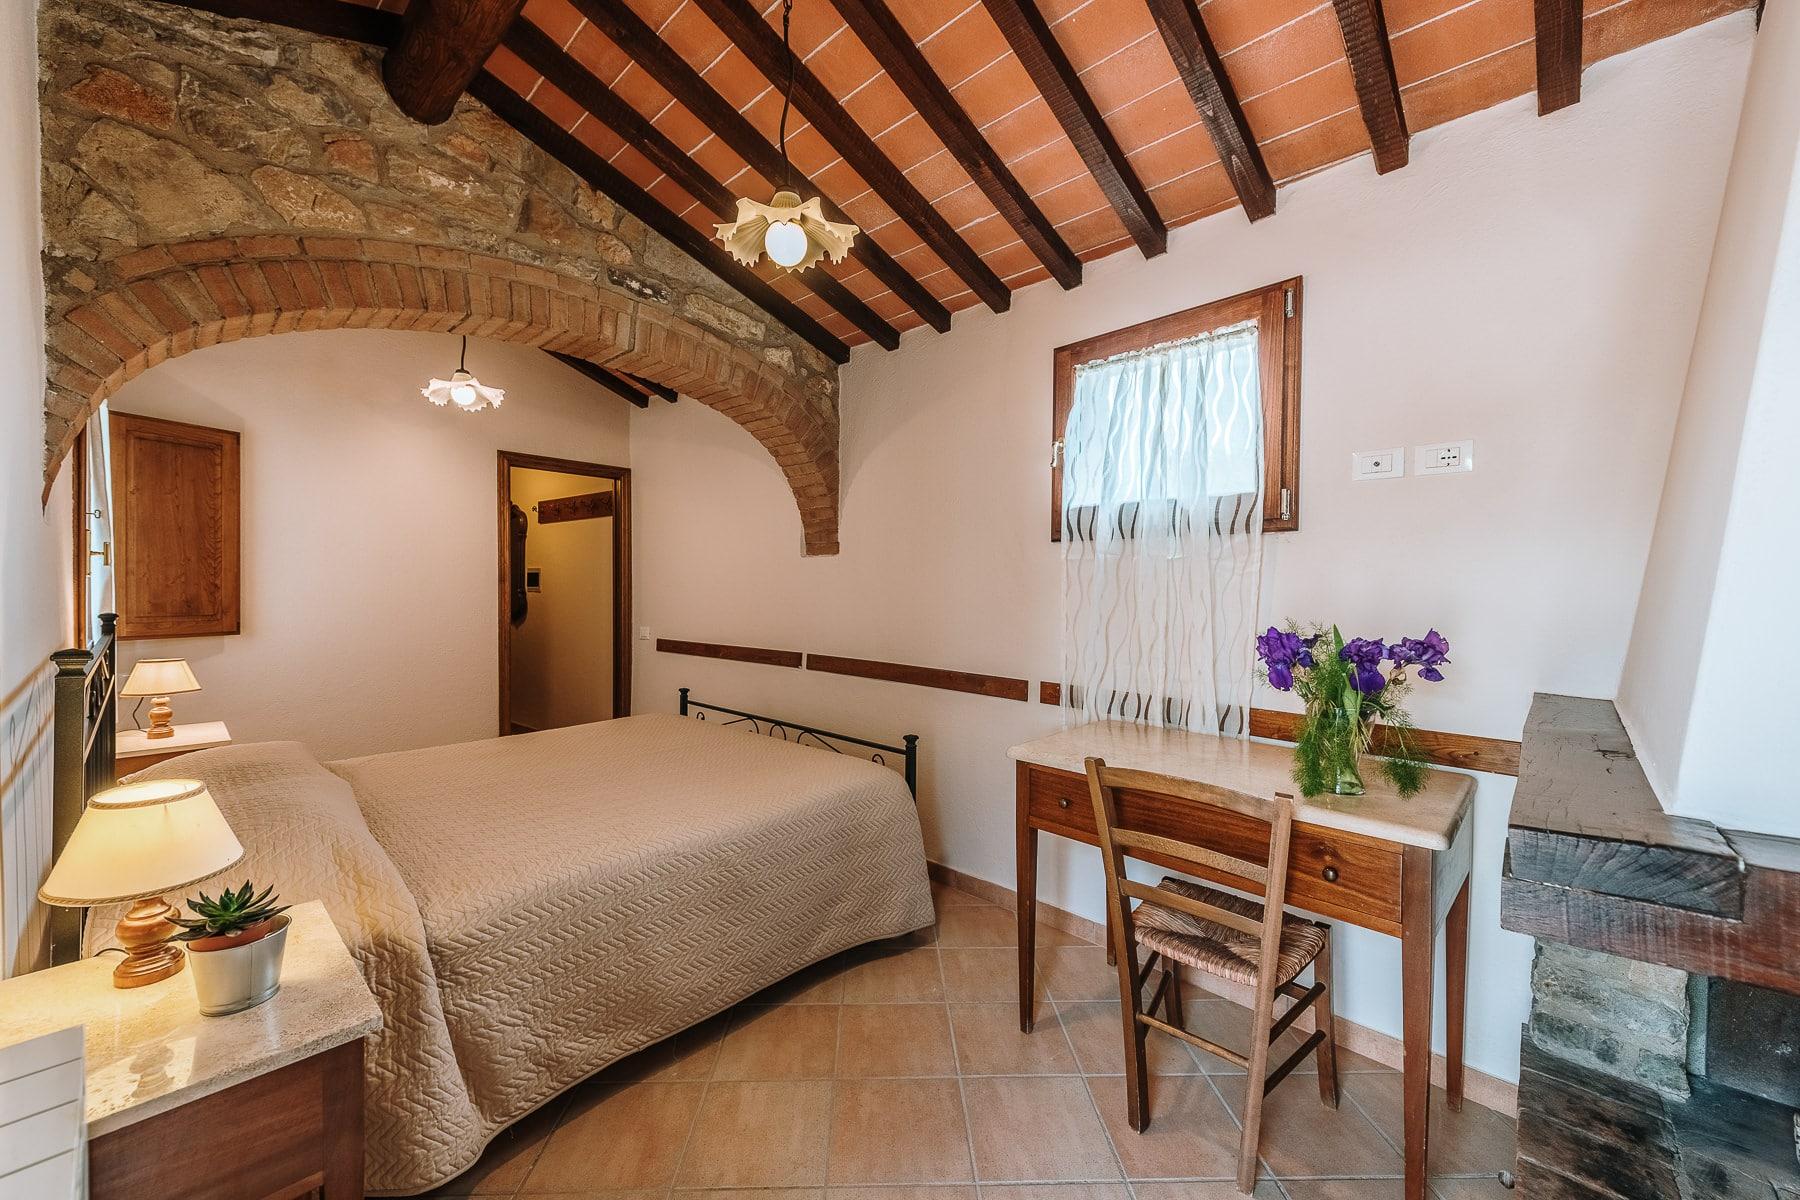 Camere - Bed and Breakfast Villa di Sotto